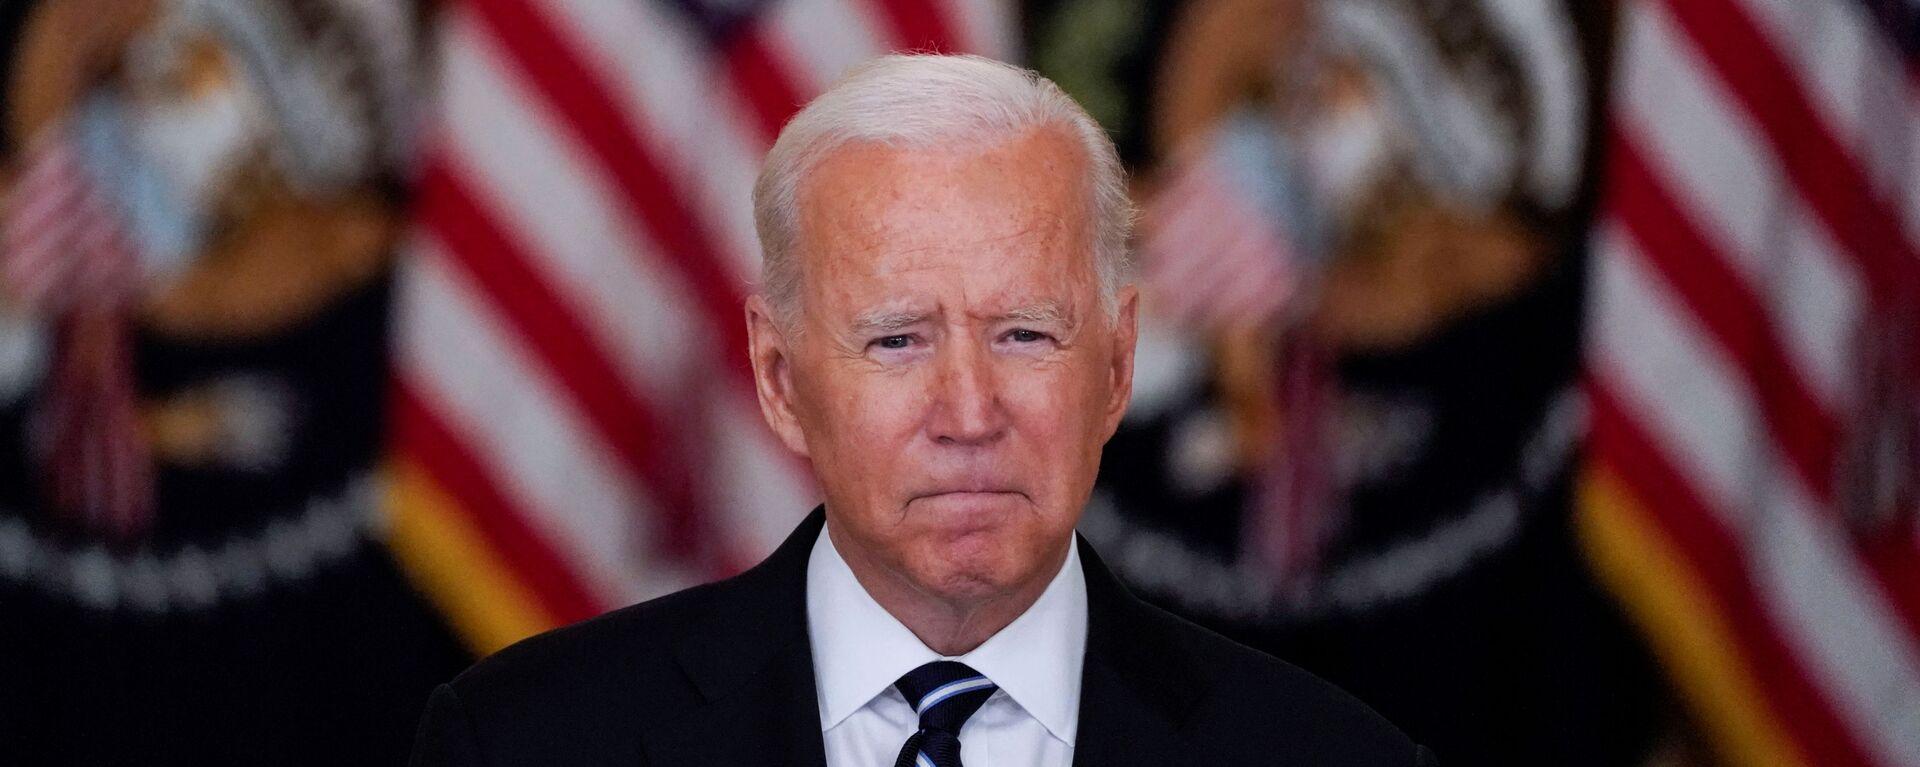 Americký prezident Joe Biden - Sputnik Česká republika, 1920, 19.08.2021